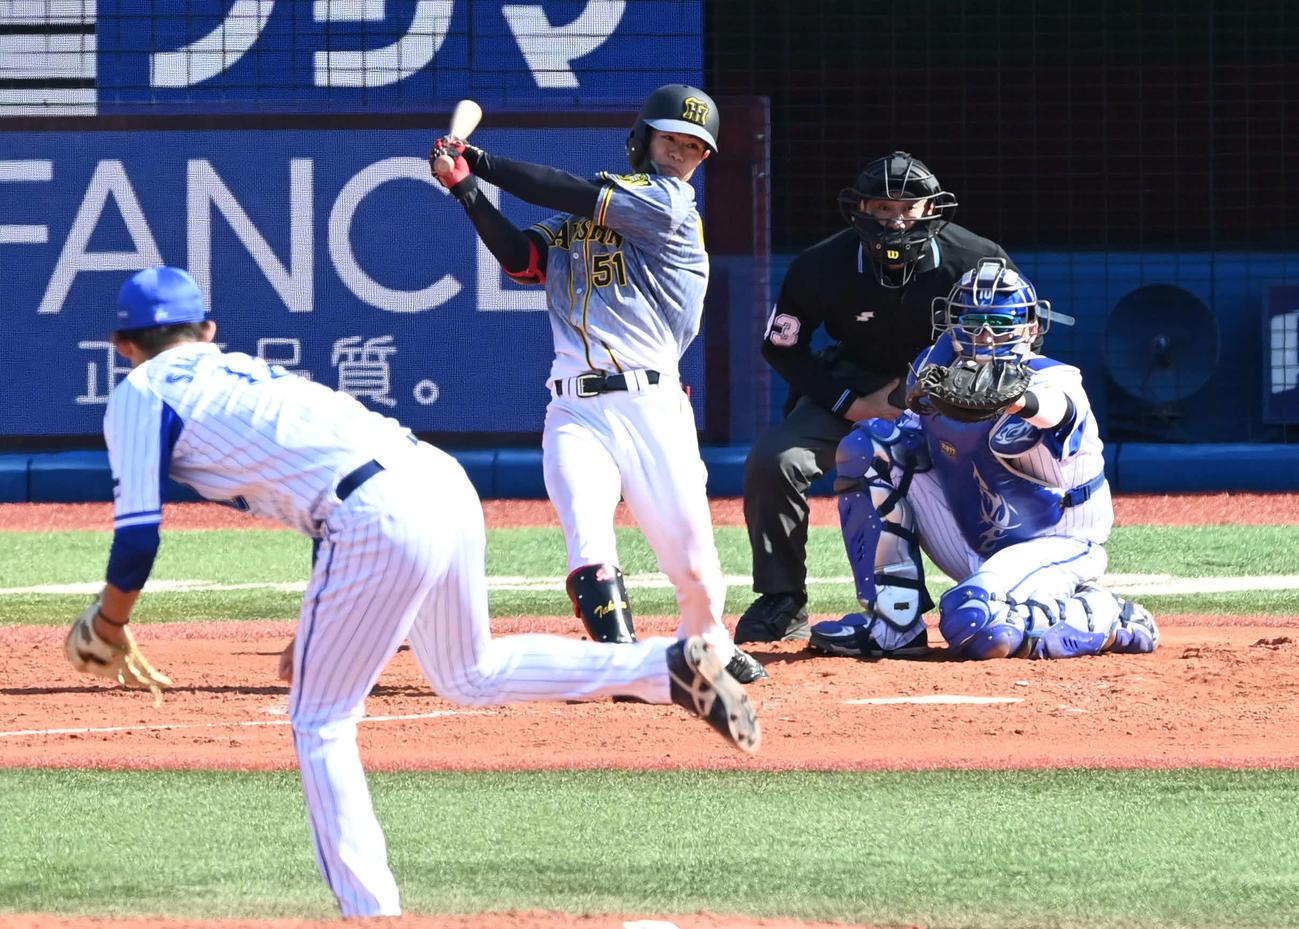 DeNA対阪神 4回表阪神1死三塁、中野は左前適時打を放つ。投手阪口(撮影・山崎安昭)